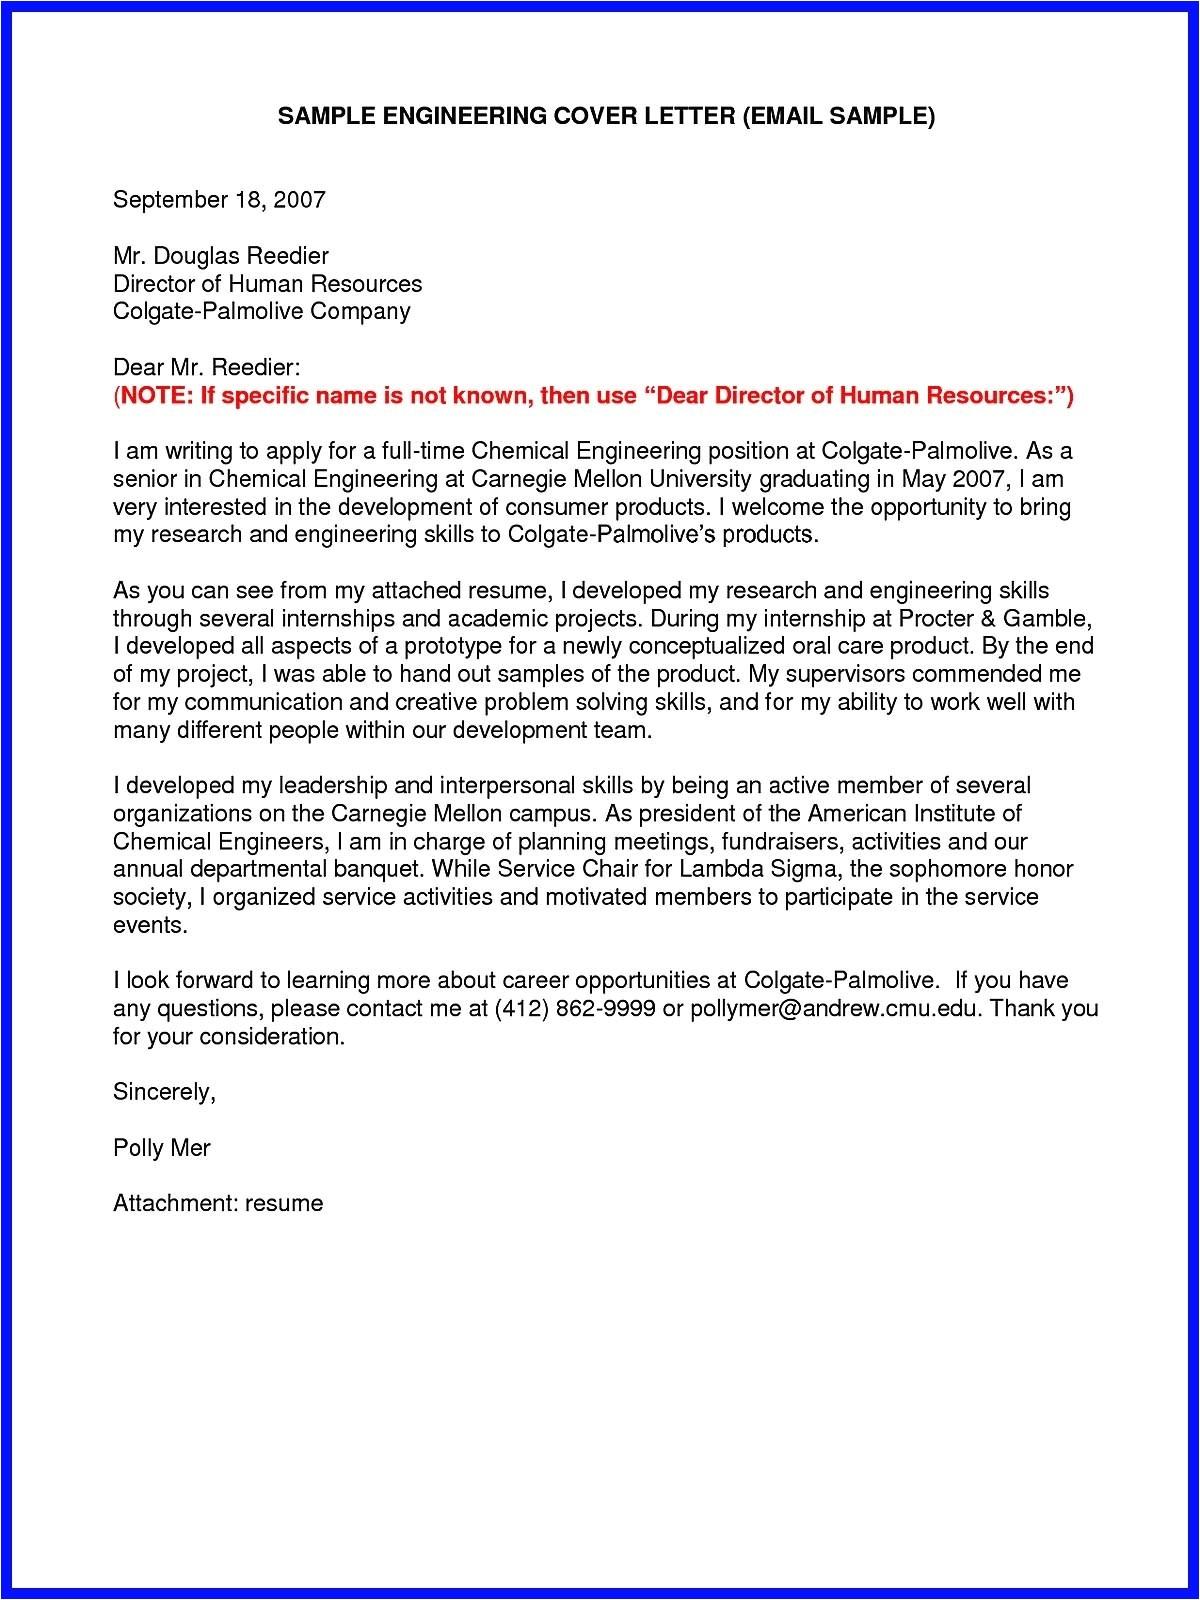 sample cover letter for sending resume through email